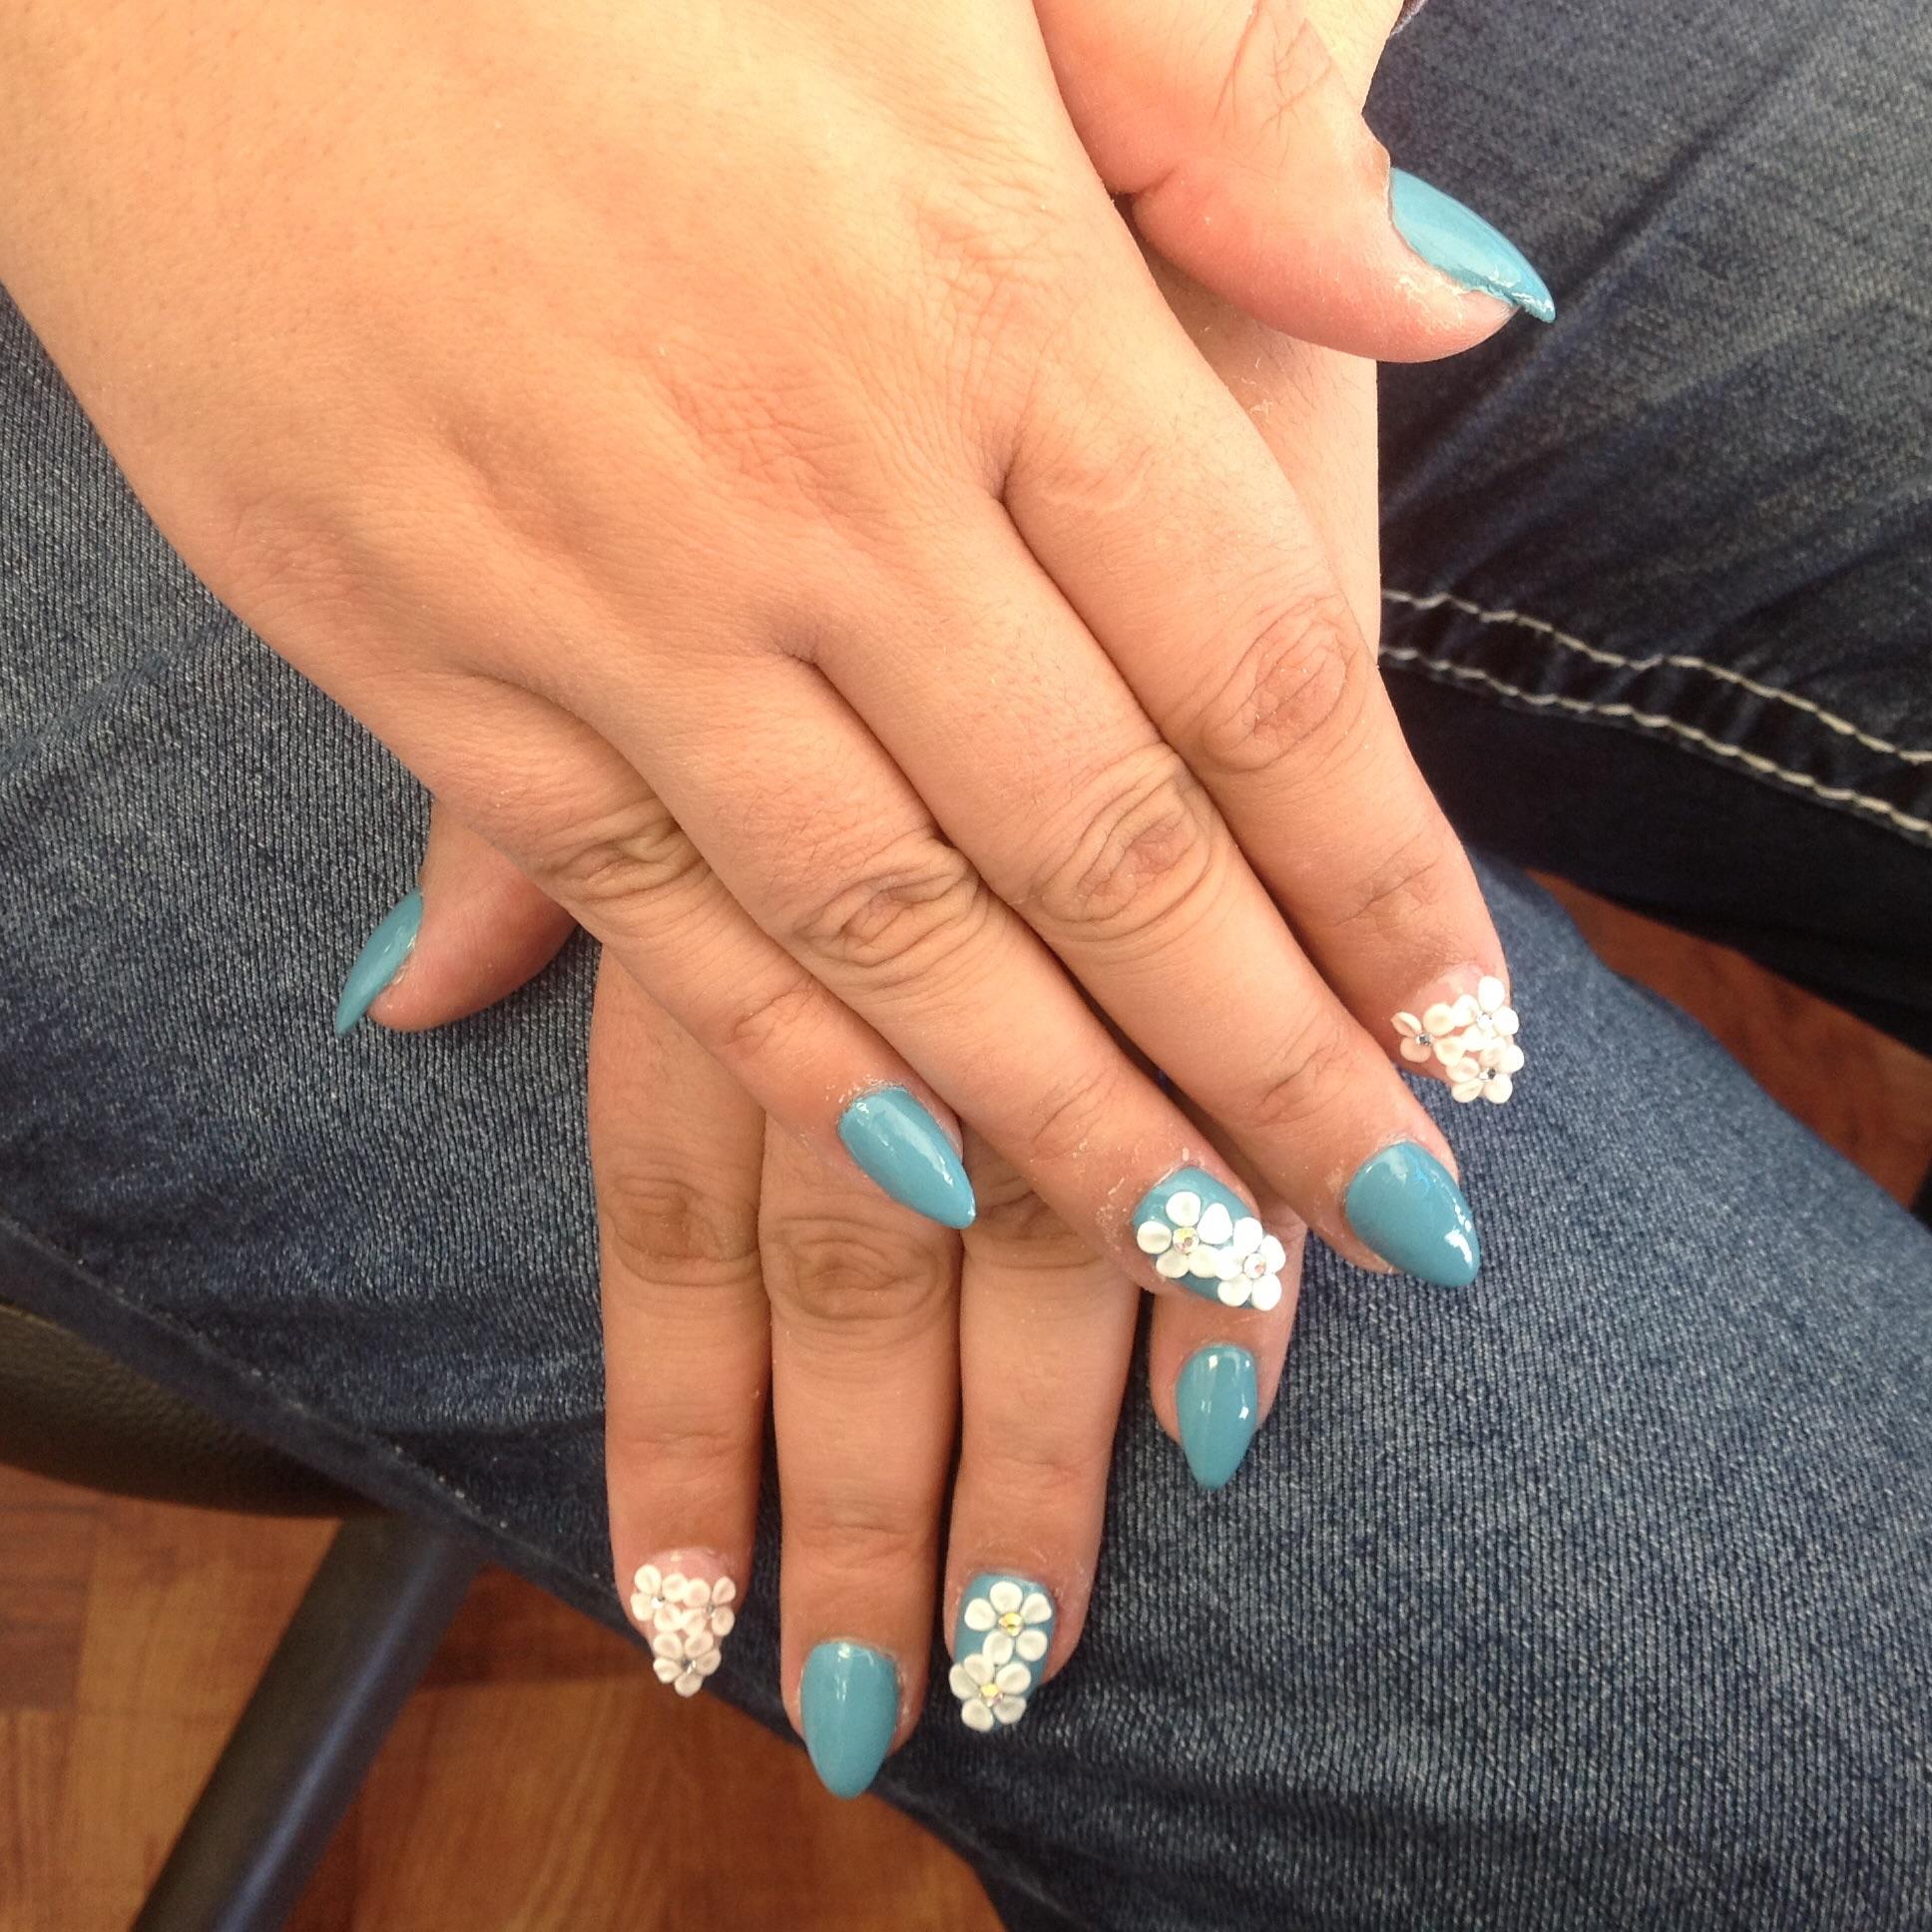 Nm Nails Spa, Bernalillo NM